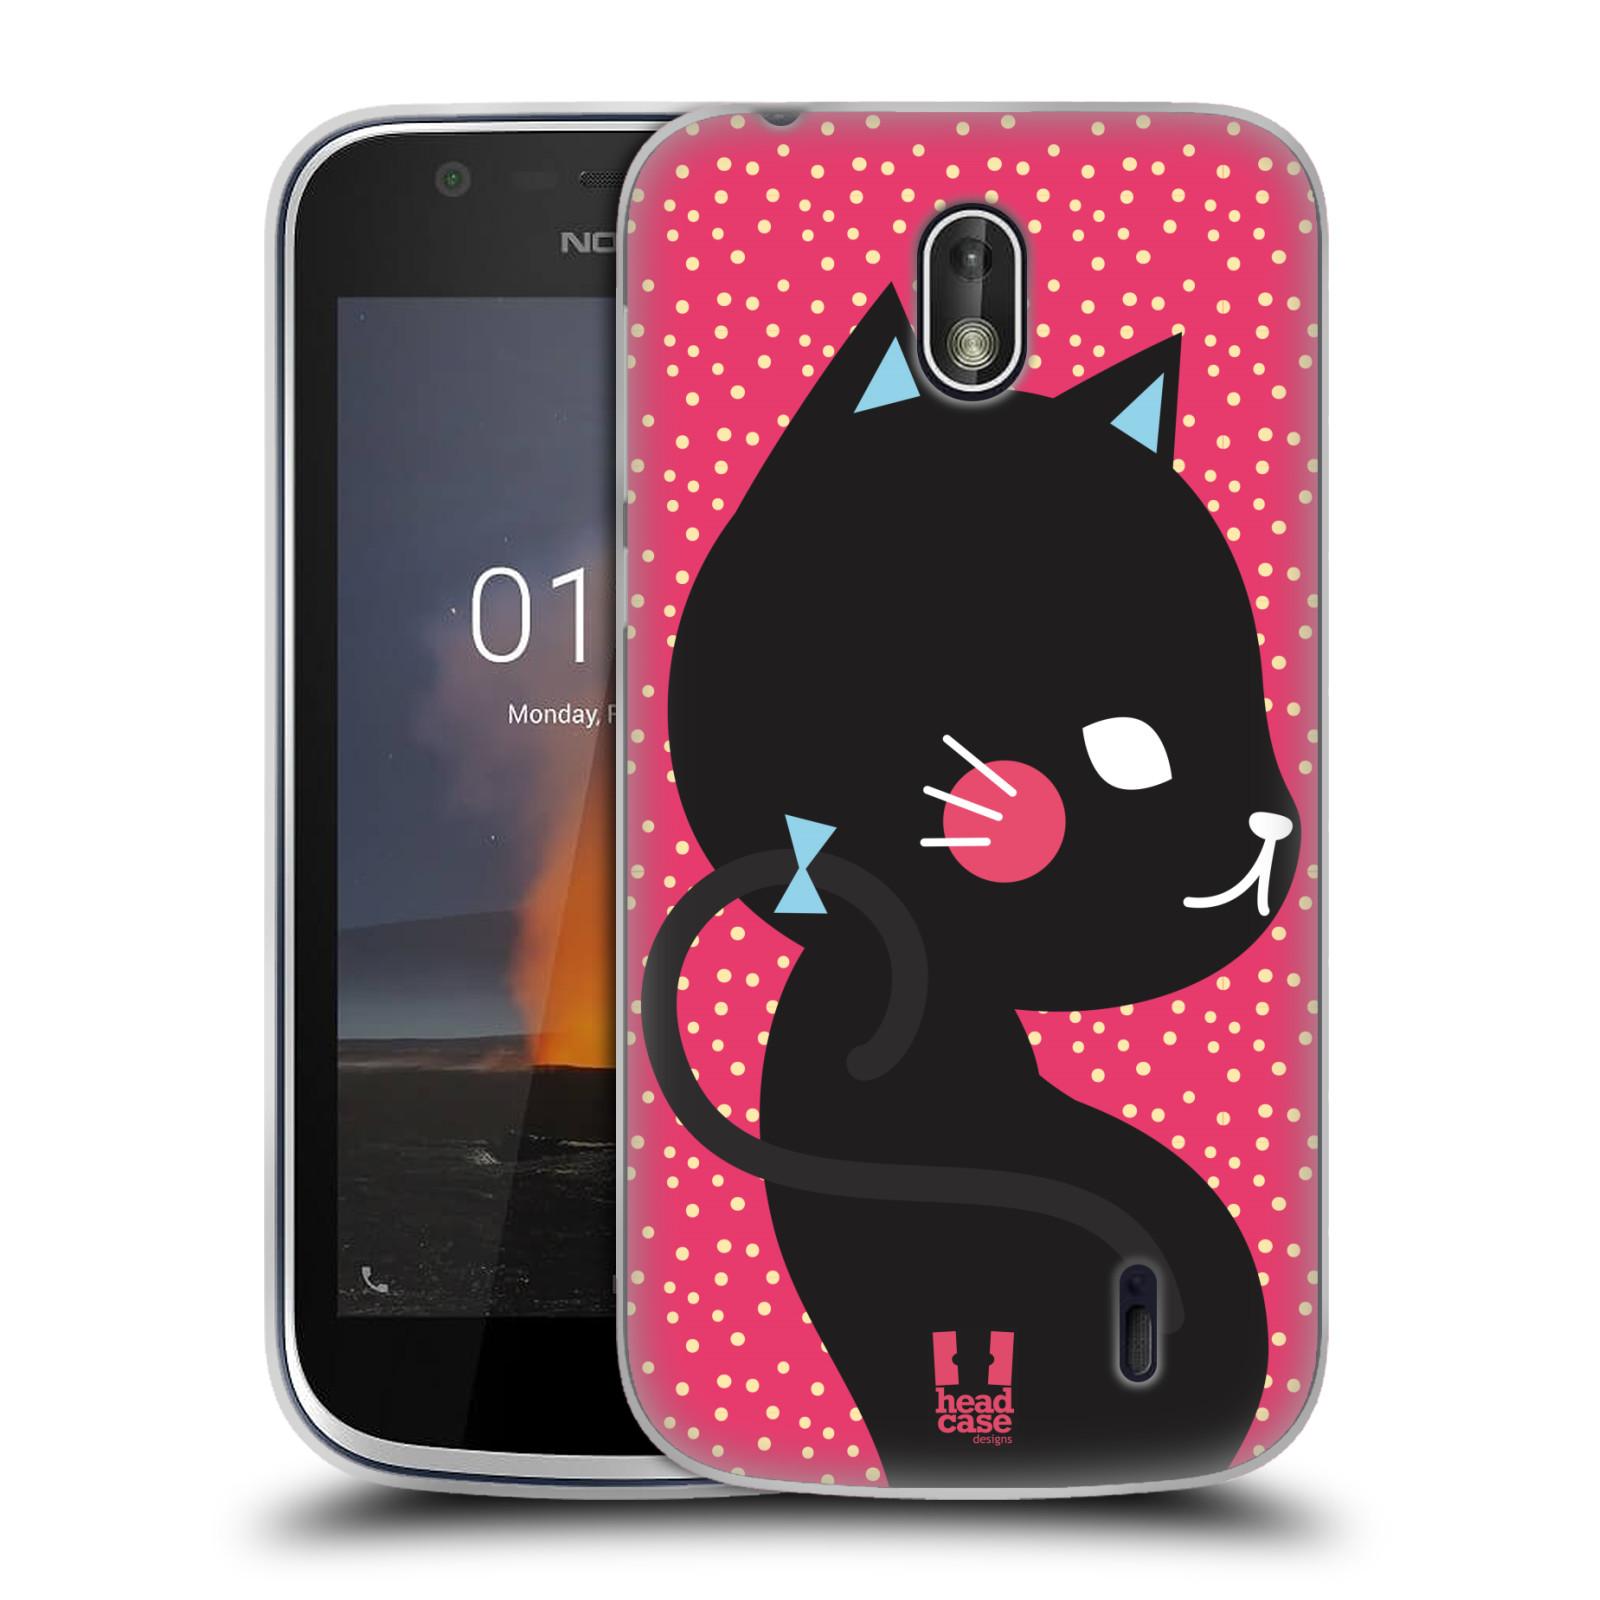 Silikonové pouzdro na mobil Nokia 1 - Head Case - KOČIČKA Černá NA RŮŽOVÉ